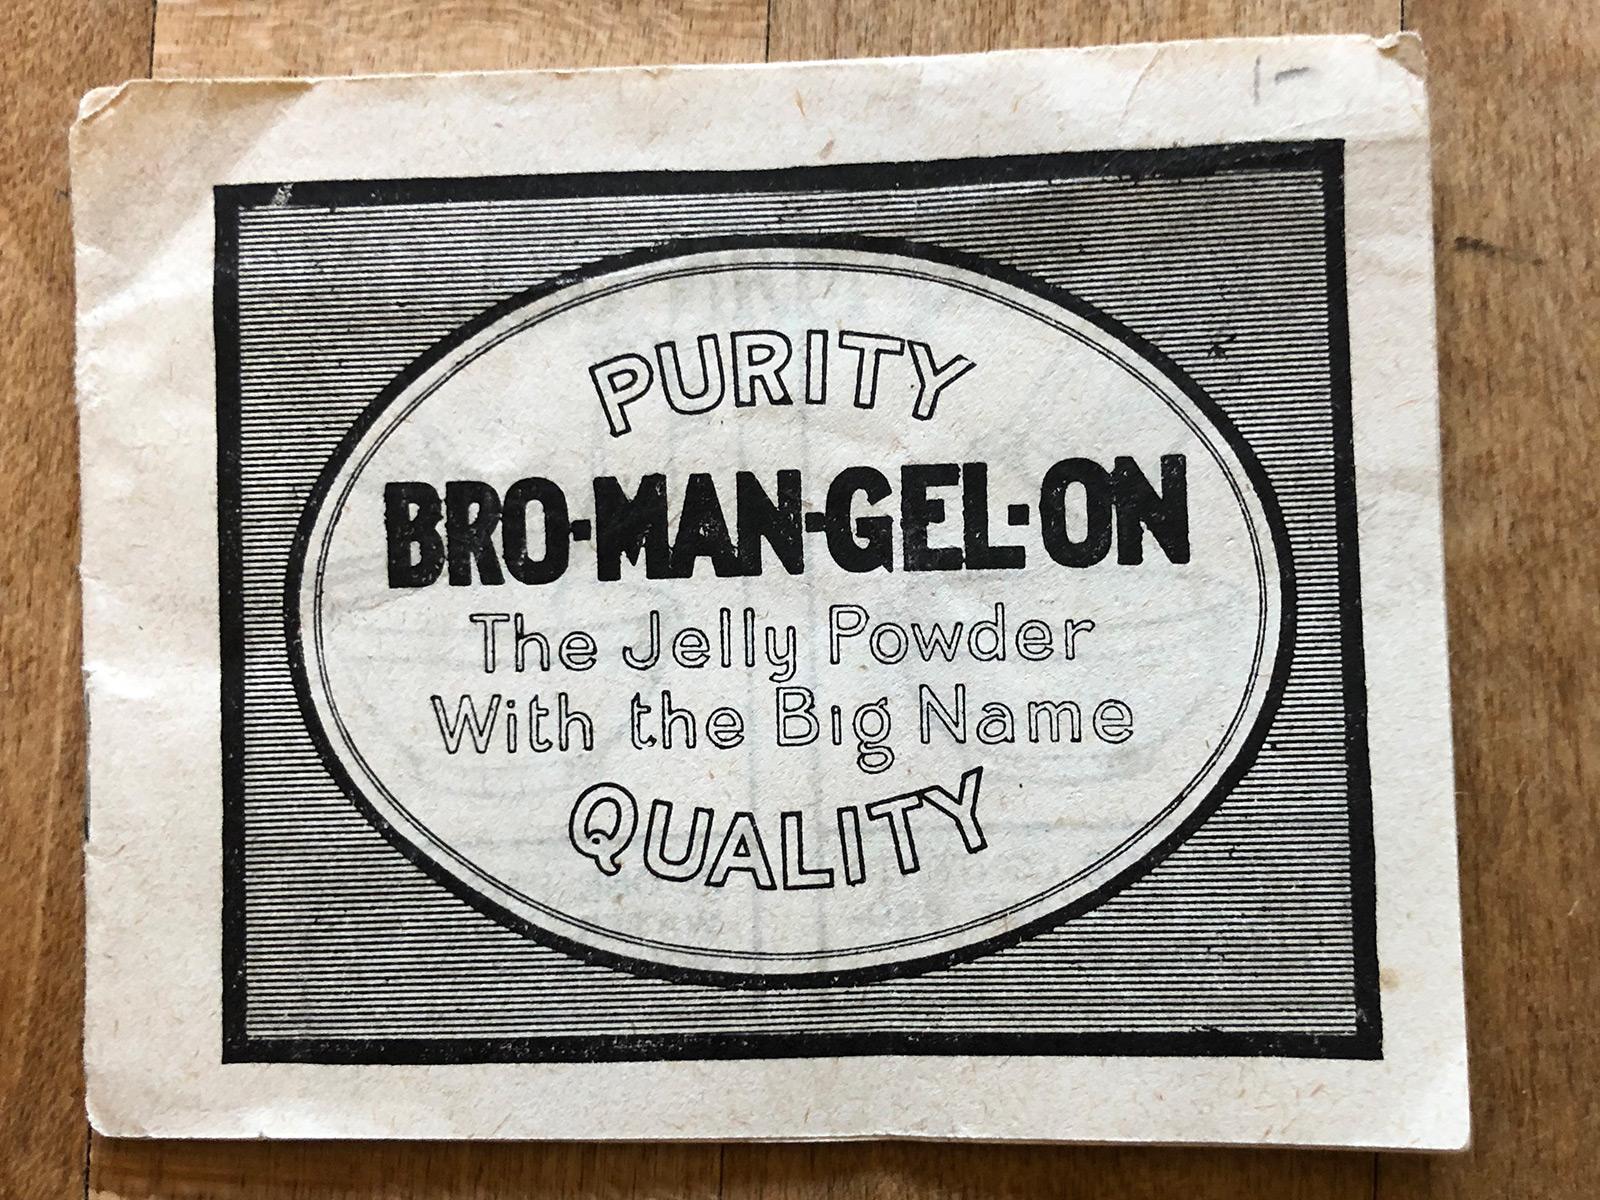 bromangelon-hero.jpg